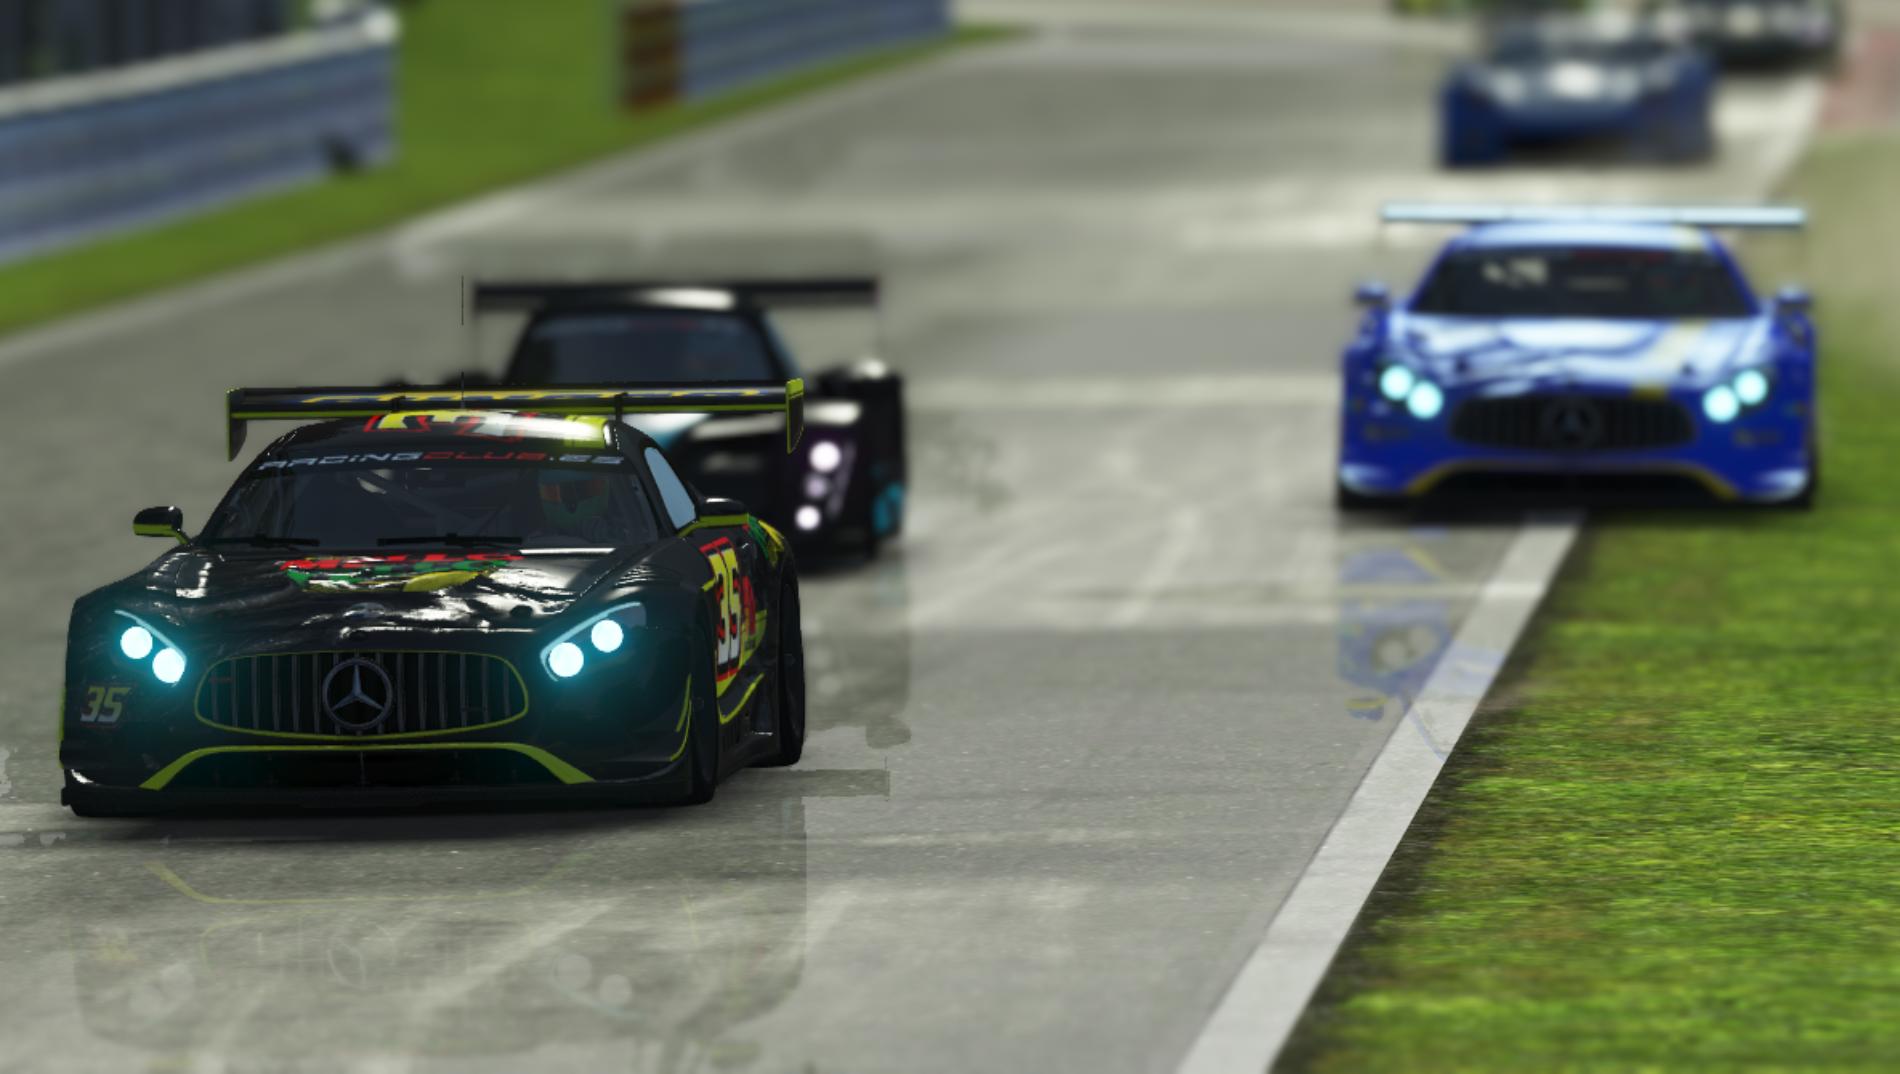 Resumen | Monza | Las estrategias mandan en una carrera marcada por la lluvia.